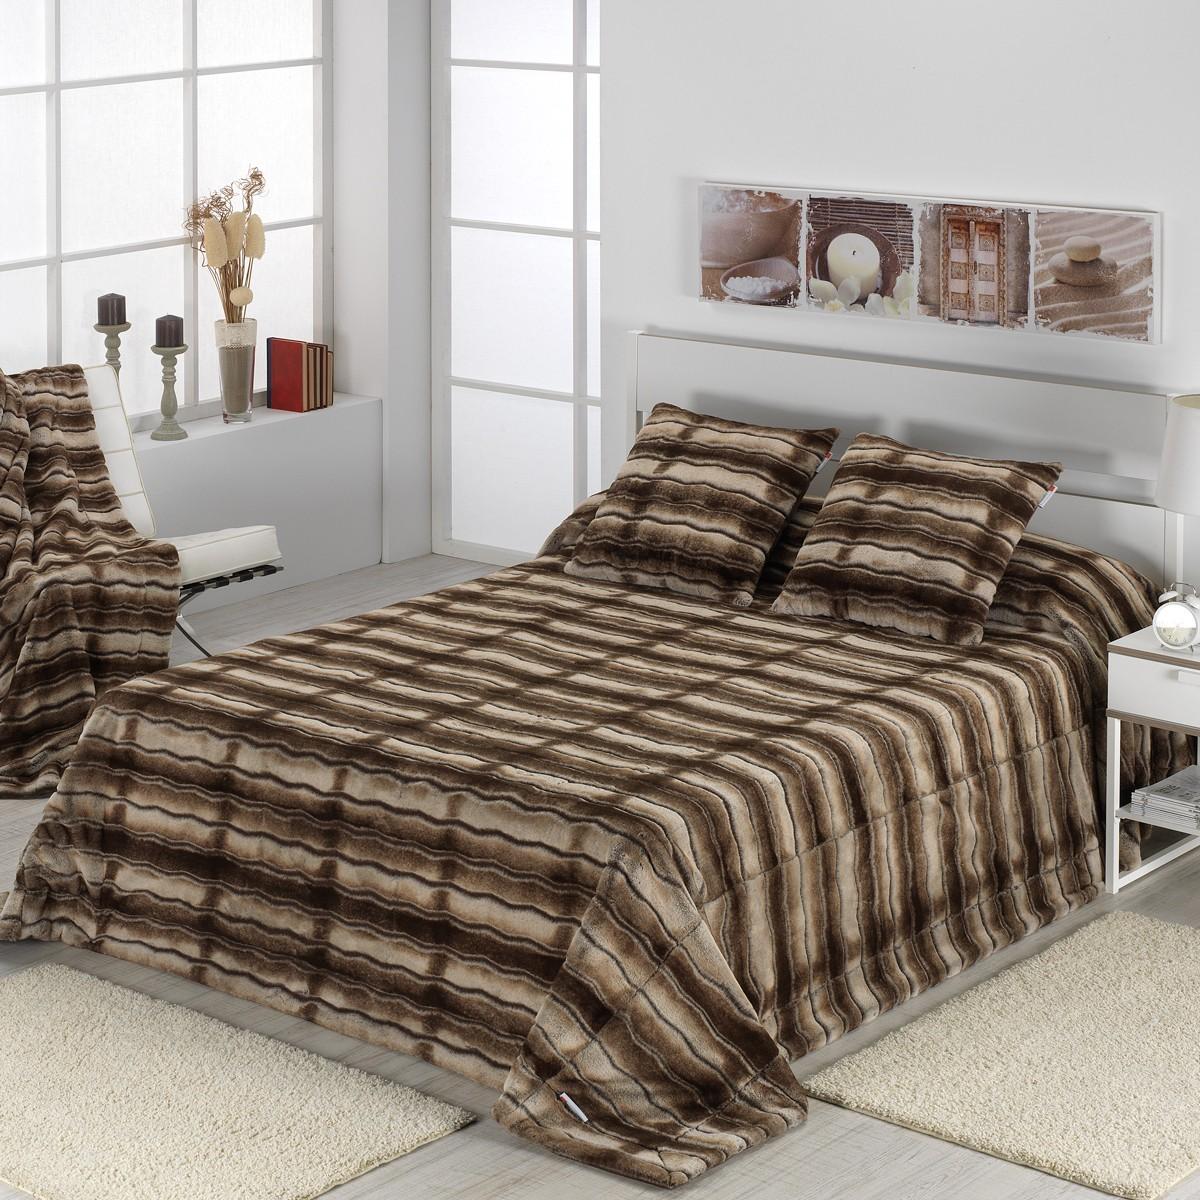 Κουβέρτα Γούνινη Υπέρδιπλη Morven Kolari C95 Brown home   κρεβατοκάμαρα   κουβέρτες   κουβέρτες γούνινες   μάλλινες